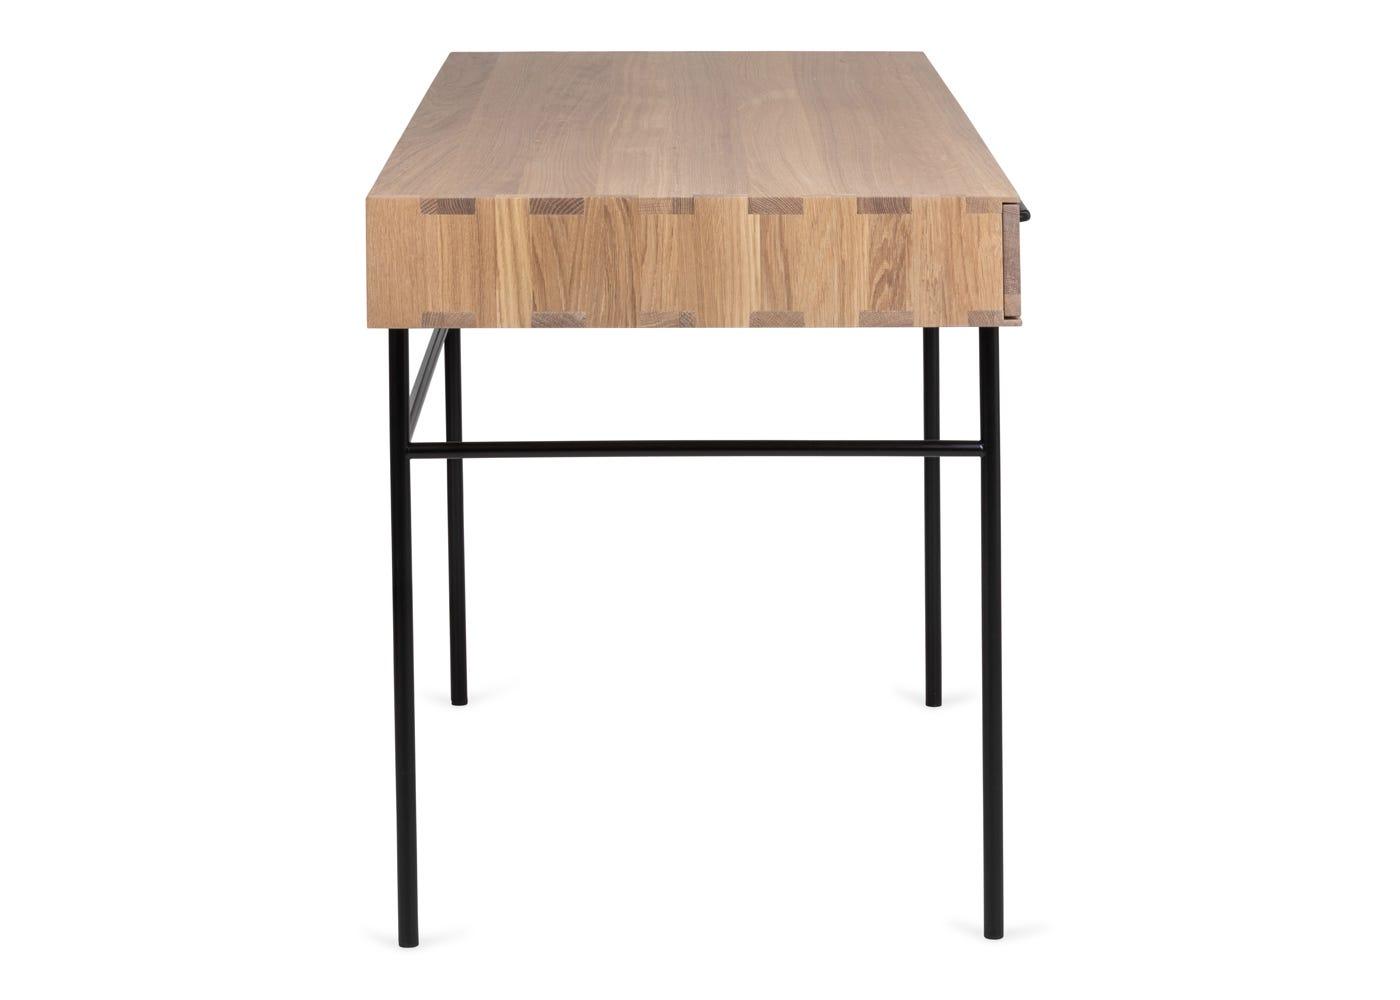 Marano desk - Side profile.